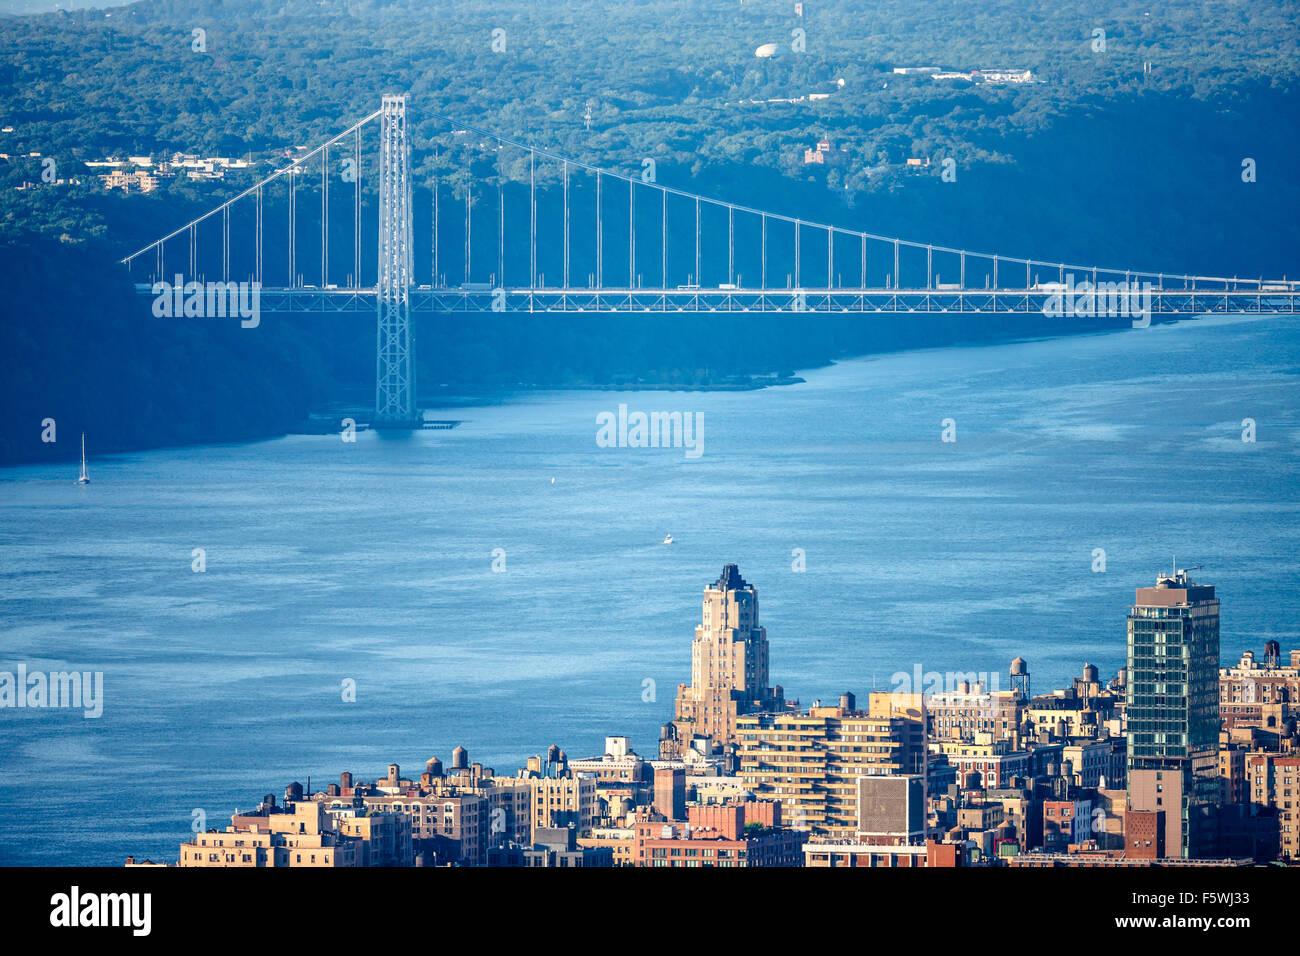 Luftaufnahme der Upper West Side von Manhattan mit George Washington Bridge und Hudson River. New York City. Stockbild